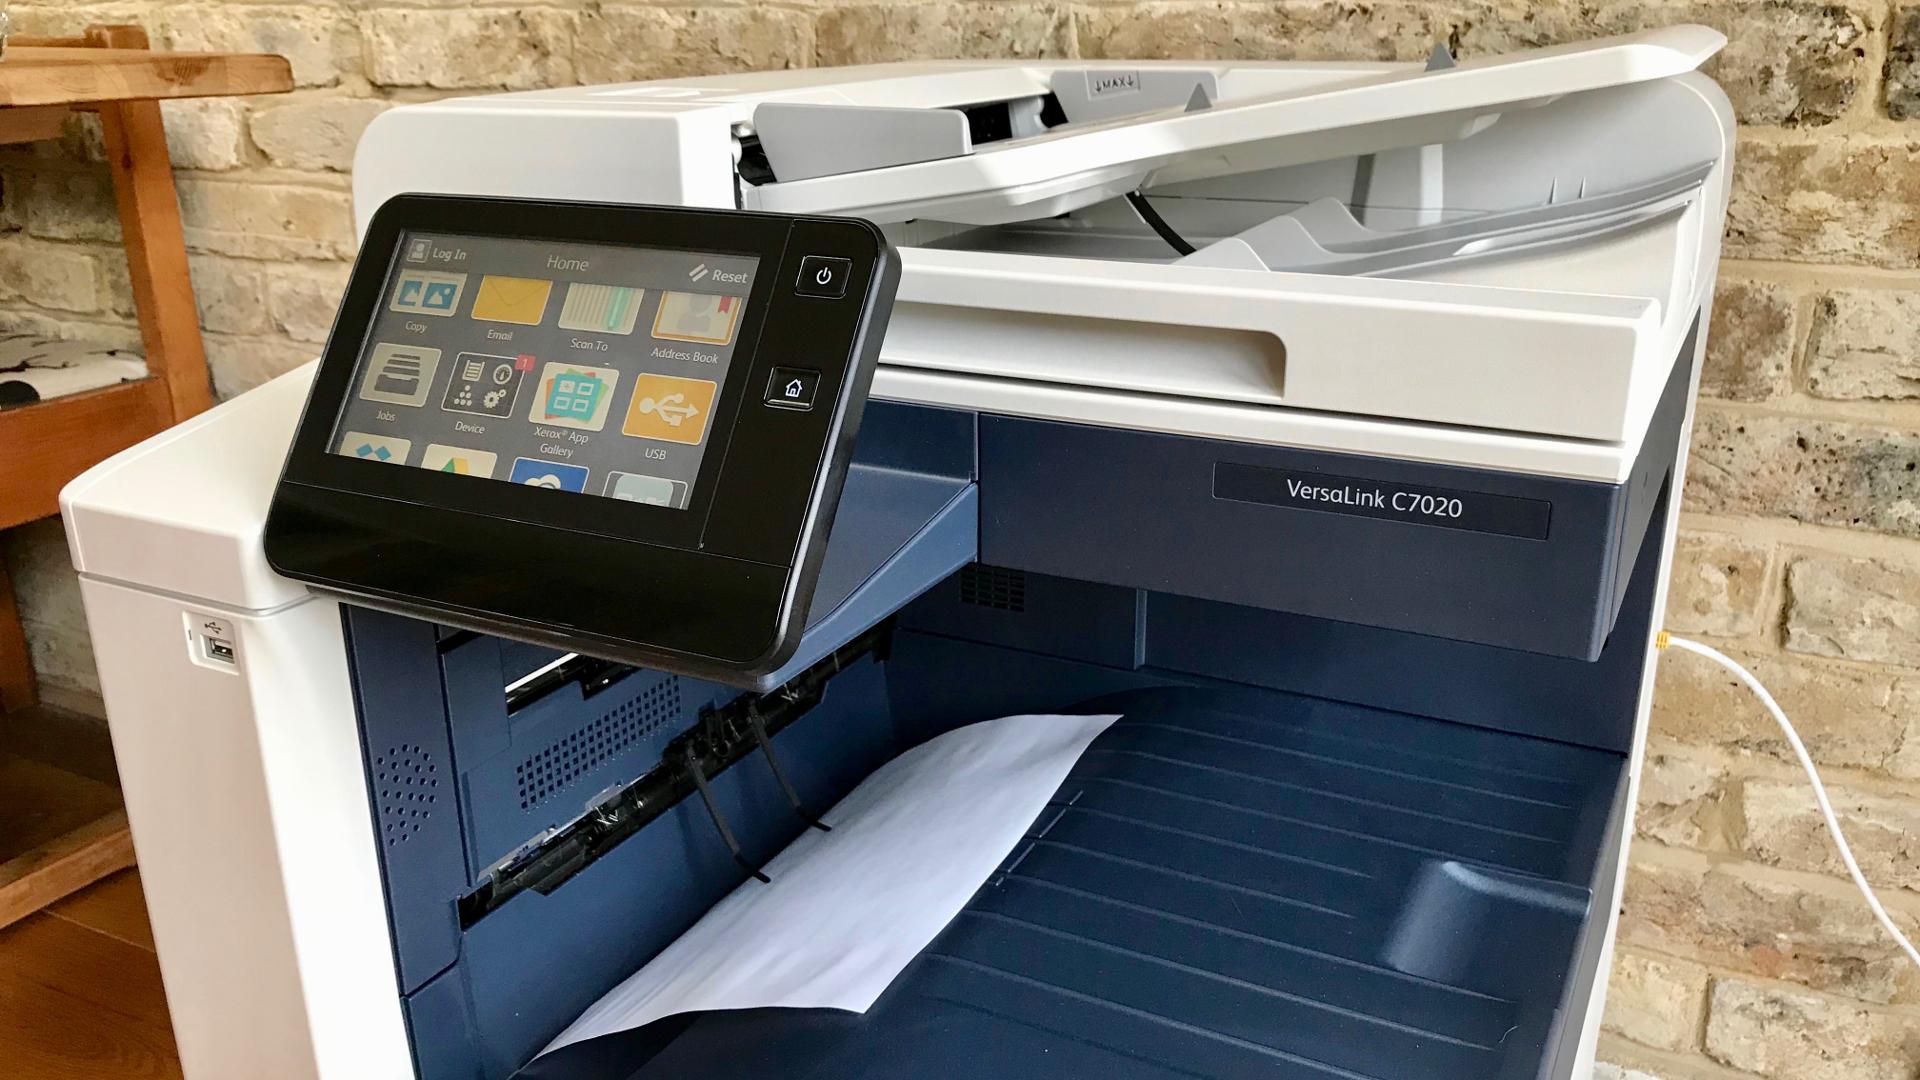 Xerox VersaLink C7020 - myOurReview